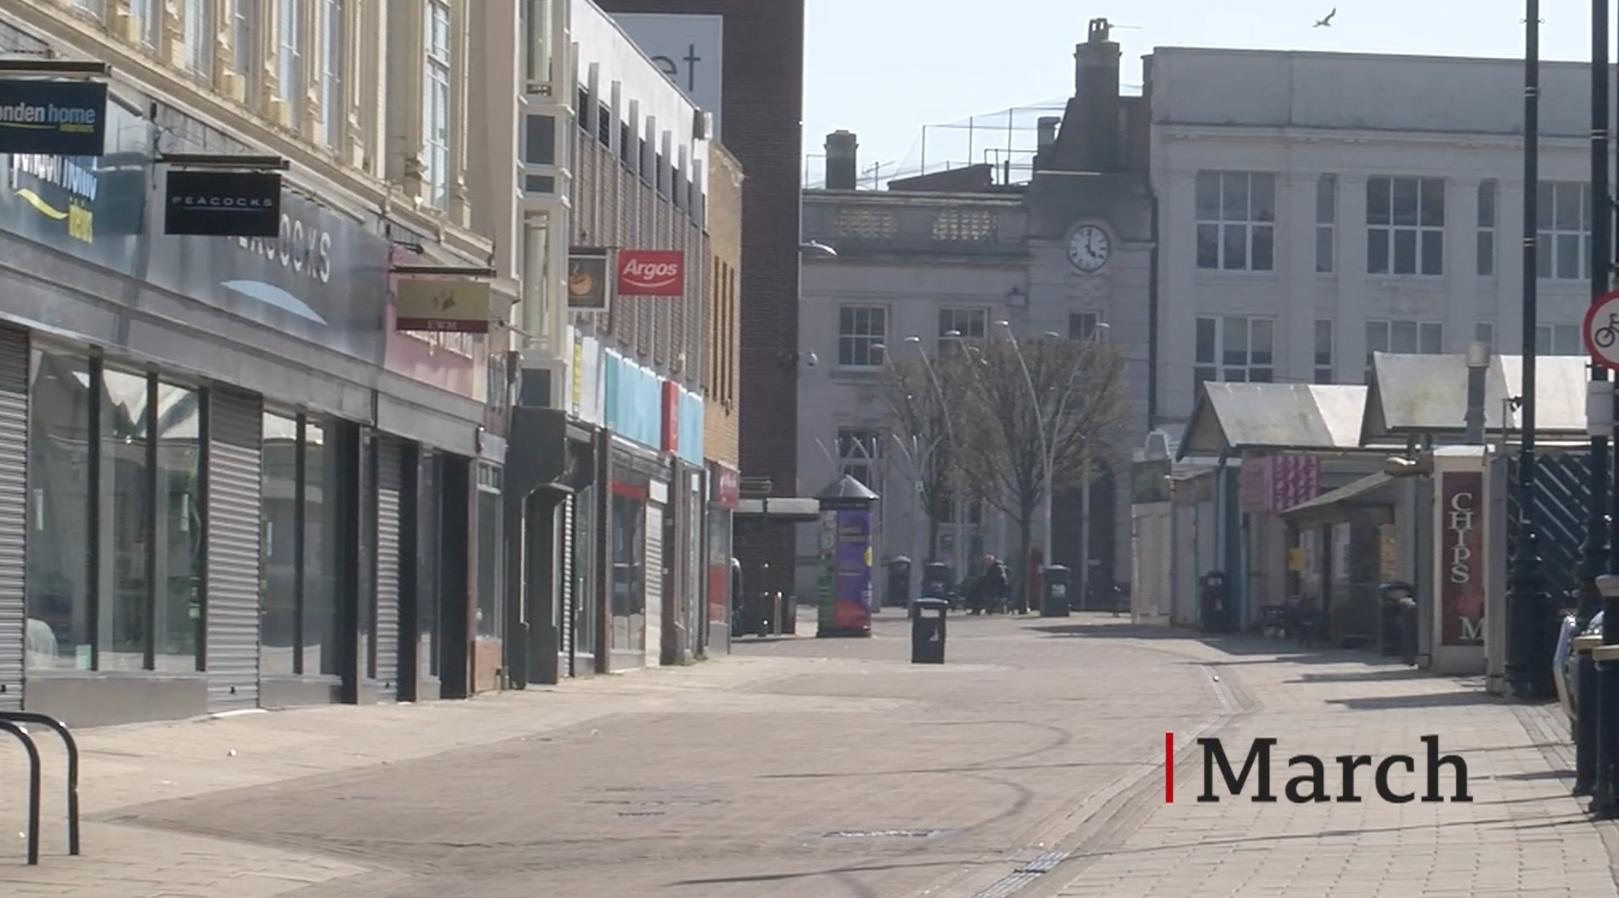 Mediapro Norwich